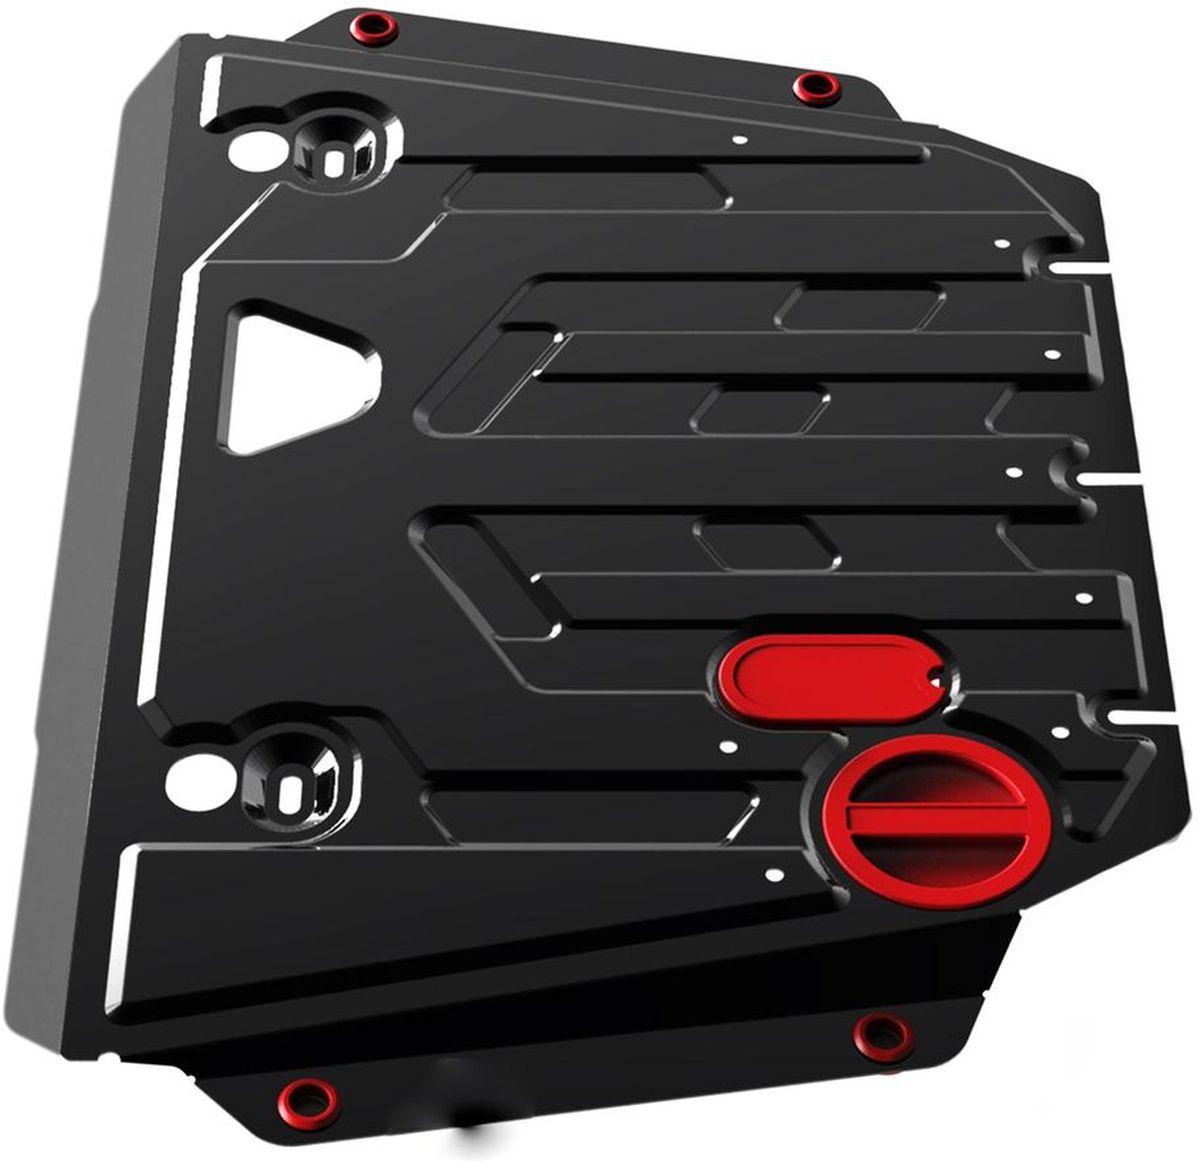 Защита картера и КПП Автоброня, для FAW V5, V-1,5 (2012-)111.08006.1Технологически совершенный продукт за невысокую стоимость. Защита разработана с учетом особенностей днища автомобиля, что позволяет сохранить дорожный просвет с минимальным изменением. Защита устанавливается в штатные места кузова автомобиля. Глубокий штамп обеспечивает до двух раз больше жесткости в сравнении с обычной защитой той же толщины. Проштампованные ребра жесткости препятствуют деформации защиты при ударах. Тепловой зазор и вентиляционные отверстия обеспечивают сохранение температурного режима двигателя в норме. Скрытый крепеж предотвращает срыв крепежных элементов при наезде на препятствие. Шумопоглощающие резиновые элементы обеспечивают комфортную езду без вибраций и скрежета металла, а съемные лючки для слива масла и замены фильтра - экономию средств и время. Конструкция изделия не влияет на пассивную безопасность автомобиля (при ударе защита не воздействует на деформационные зоны кузова). Со штатным крепежом. В комплекте инструкция по установке....